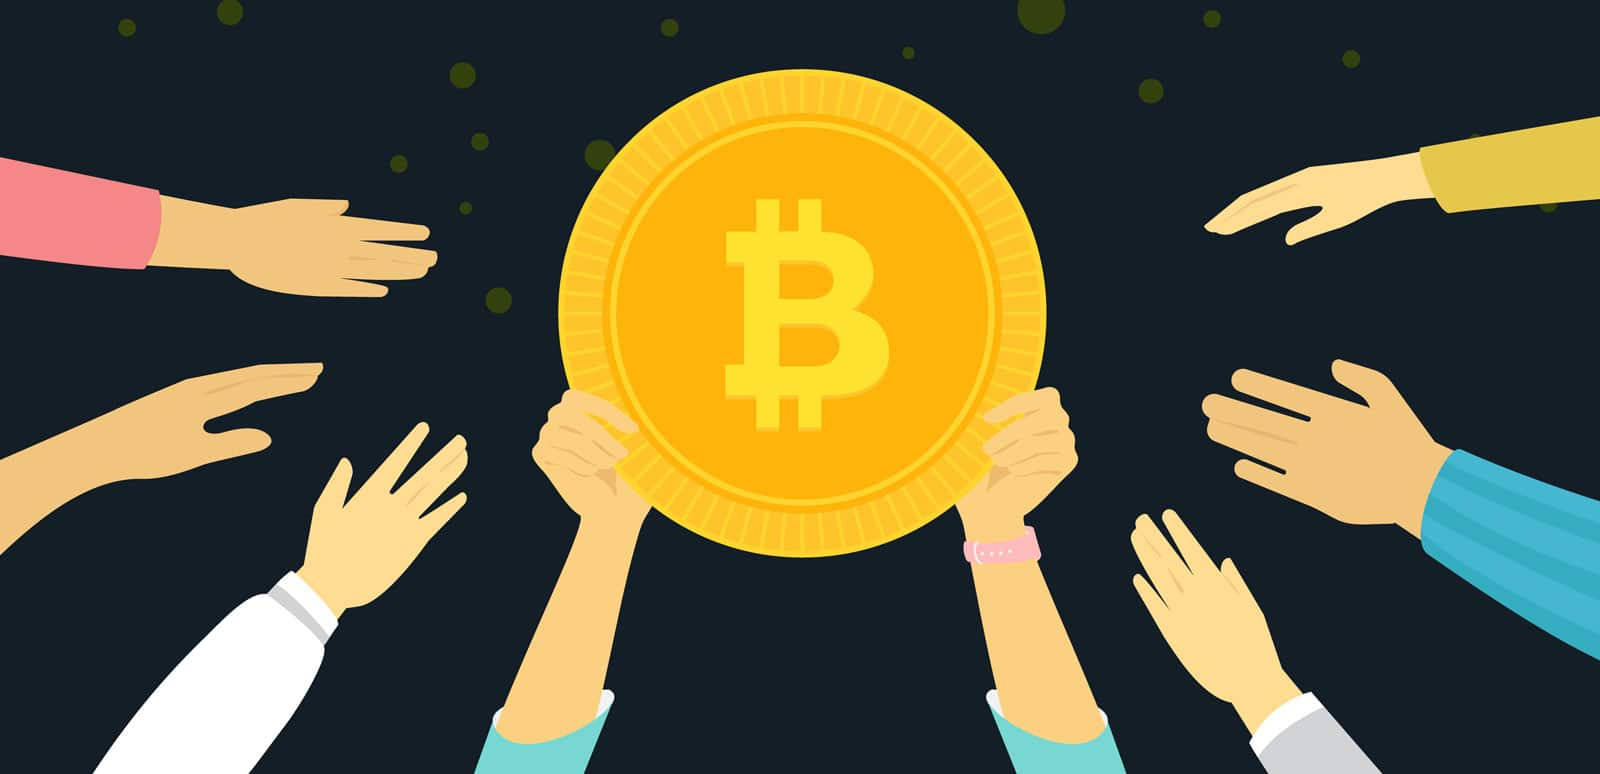 Legális a Bitcoin? Íme, a válasz! - diosgazda.hu